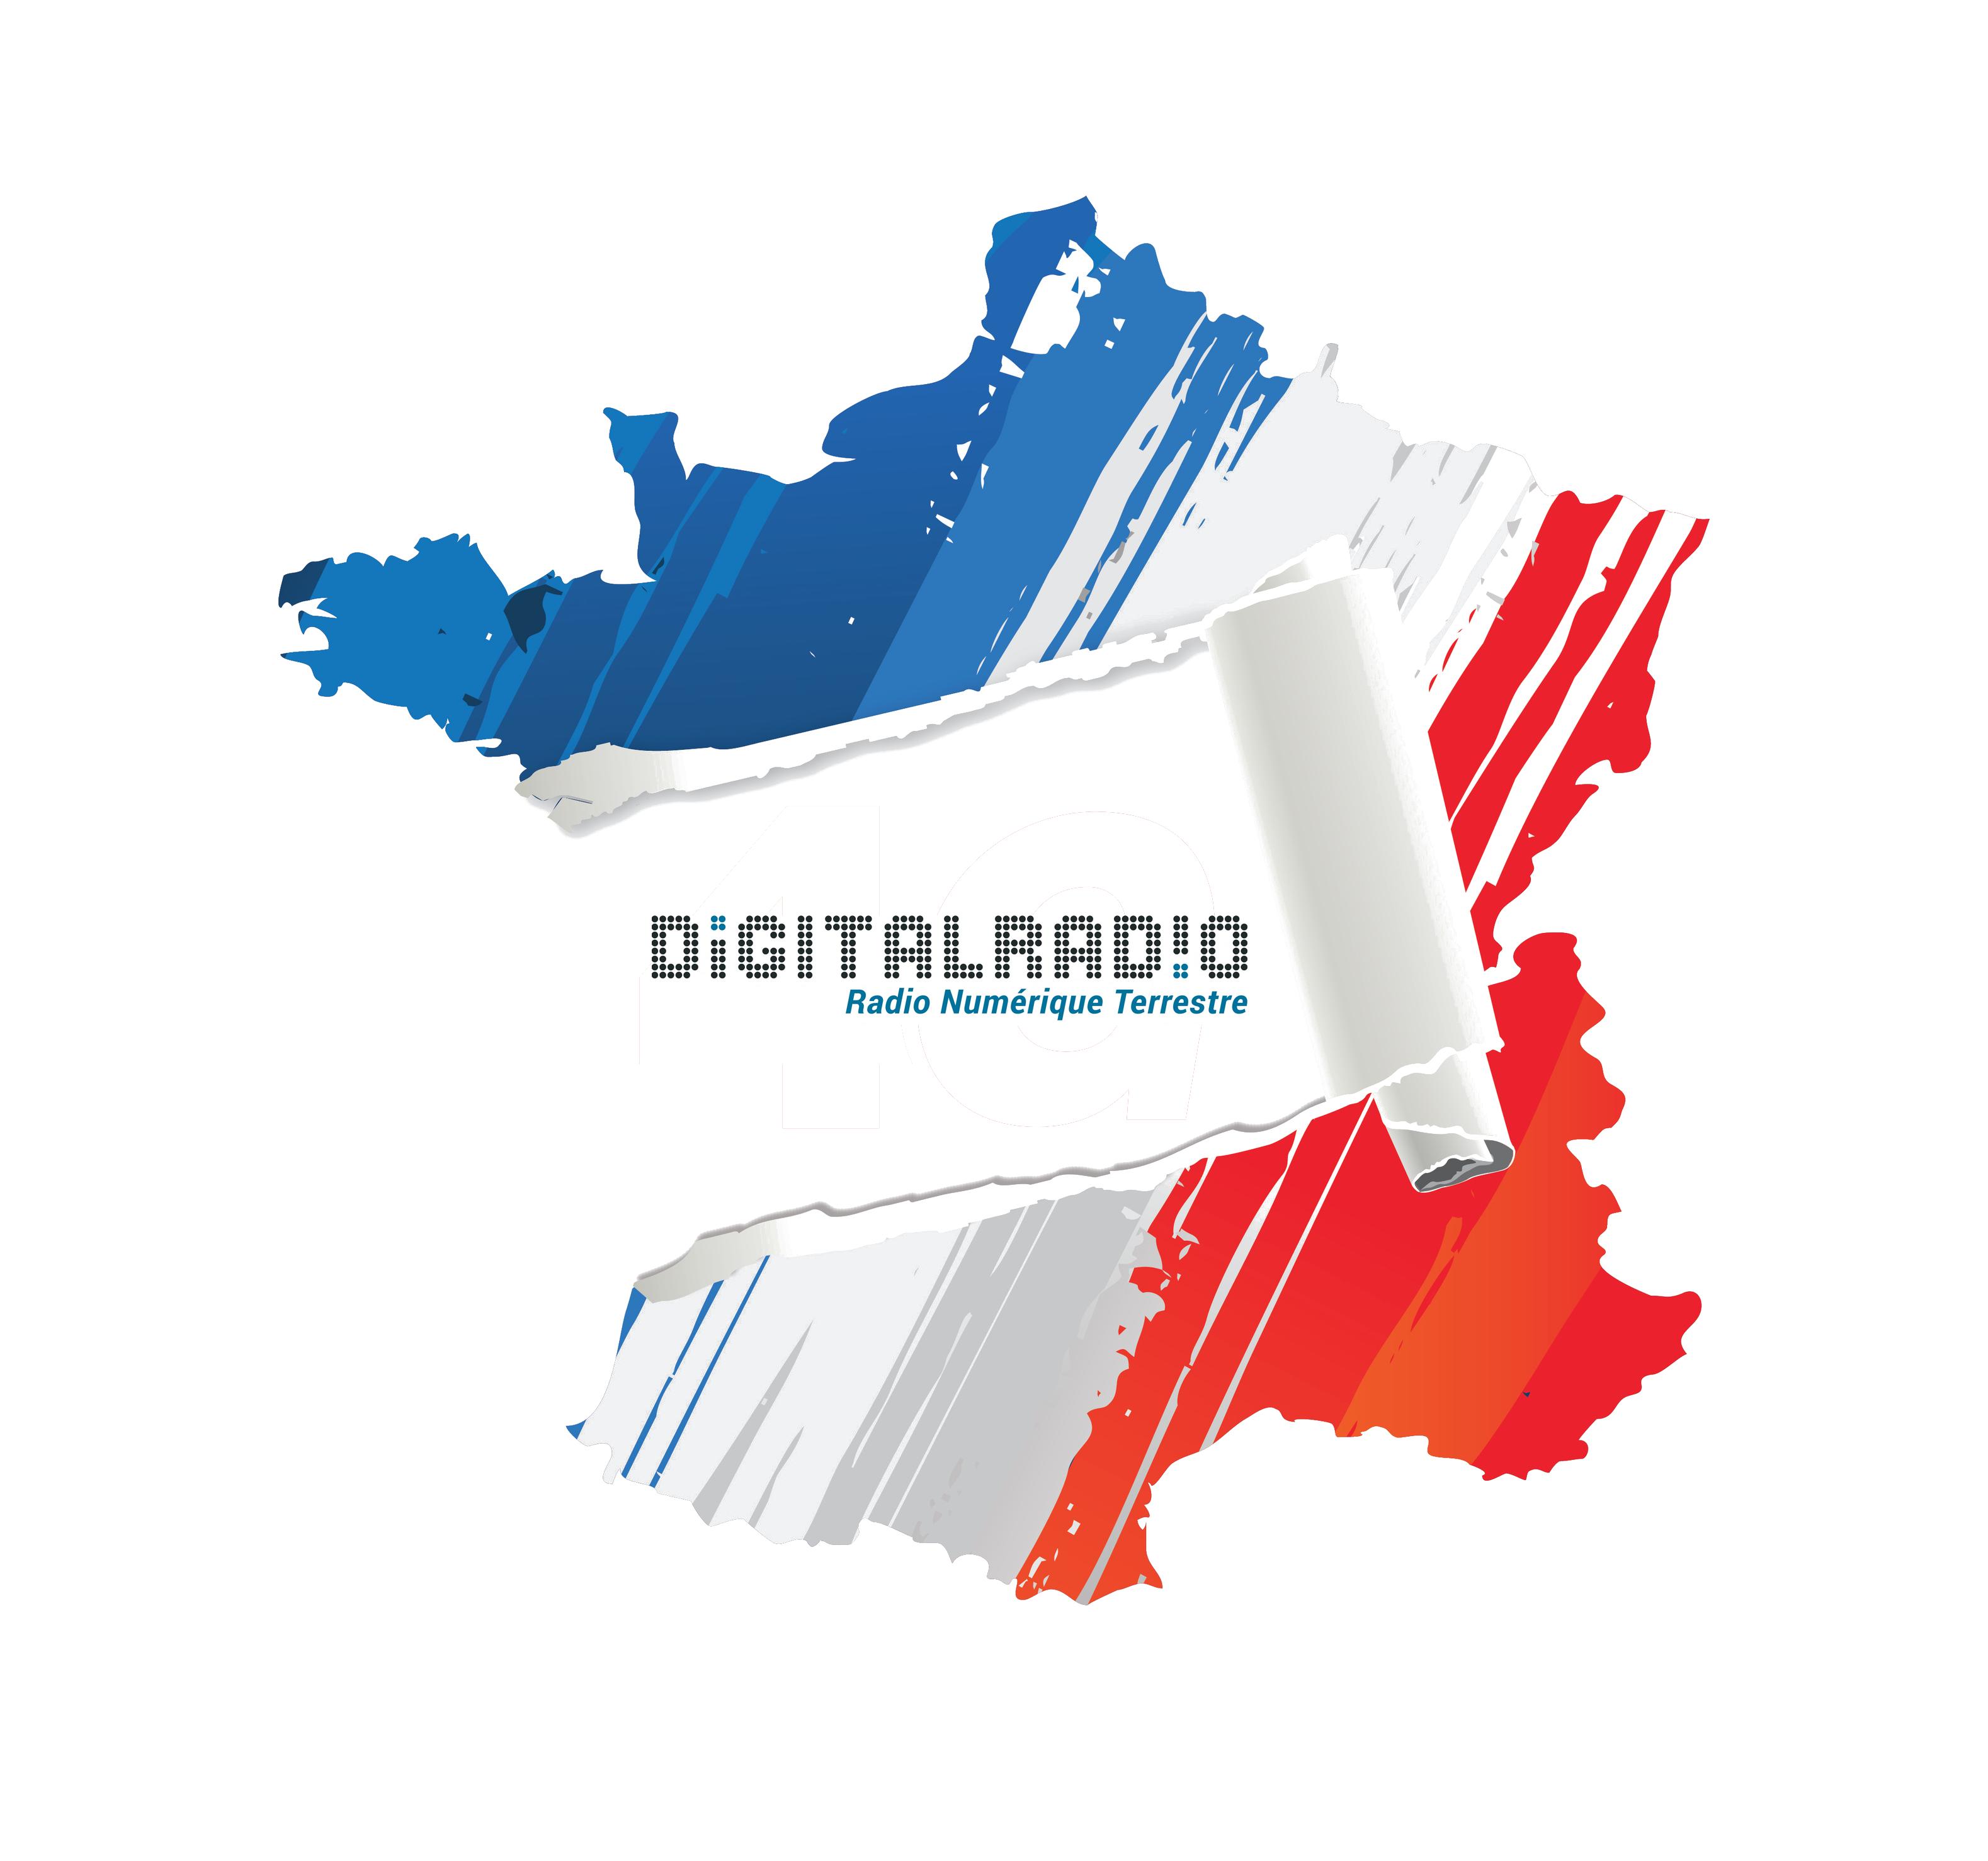 Radio Numerique Terrestre : La France prise en excès de lenteur